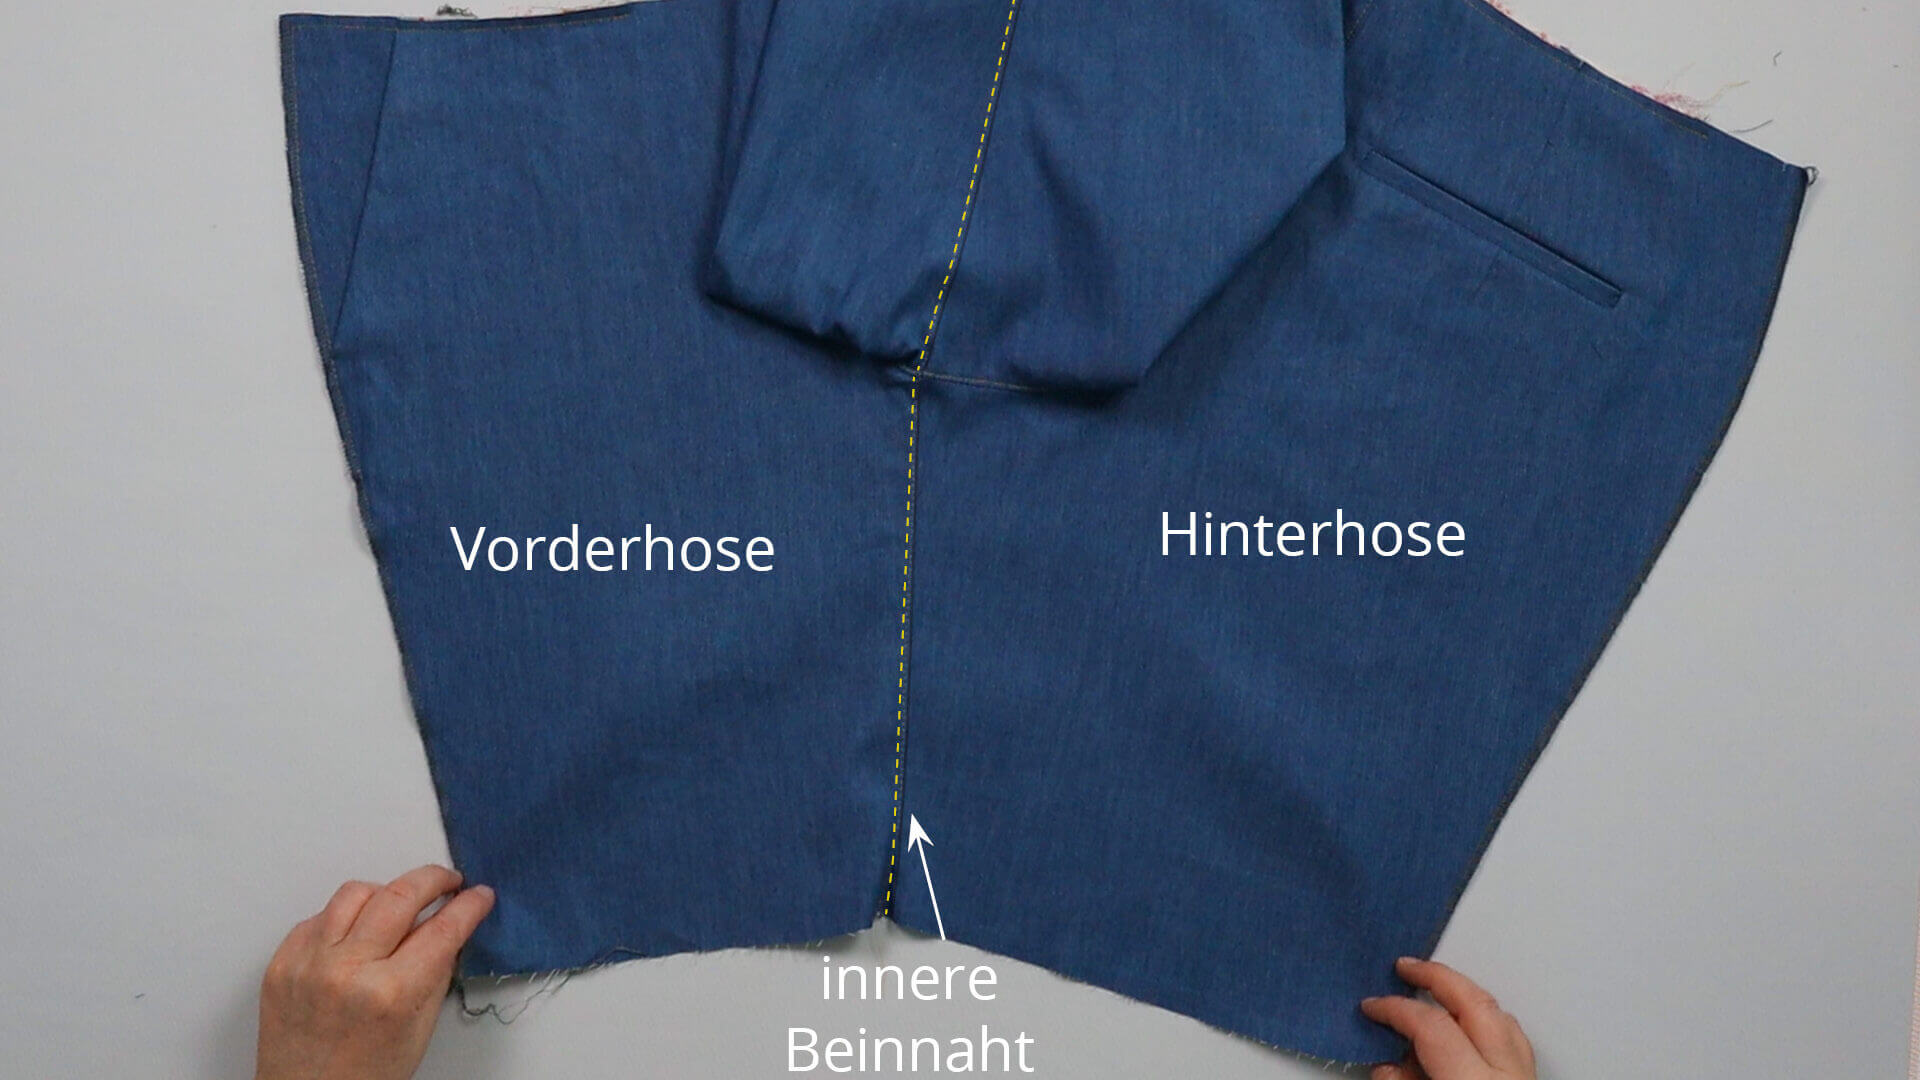 smartPATTERN Anleitung #BE01 zum Mass Hose selber nähen-DIY- Ziersteppung auf der inneren Beinnaht